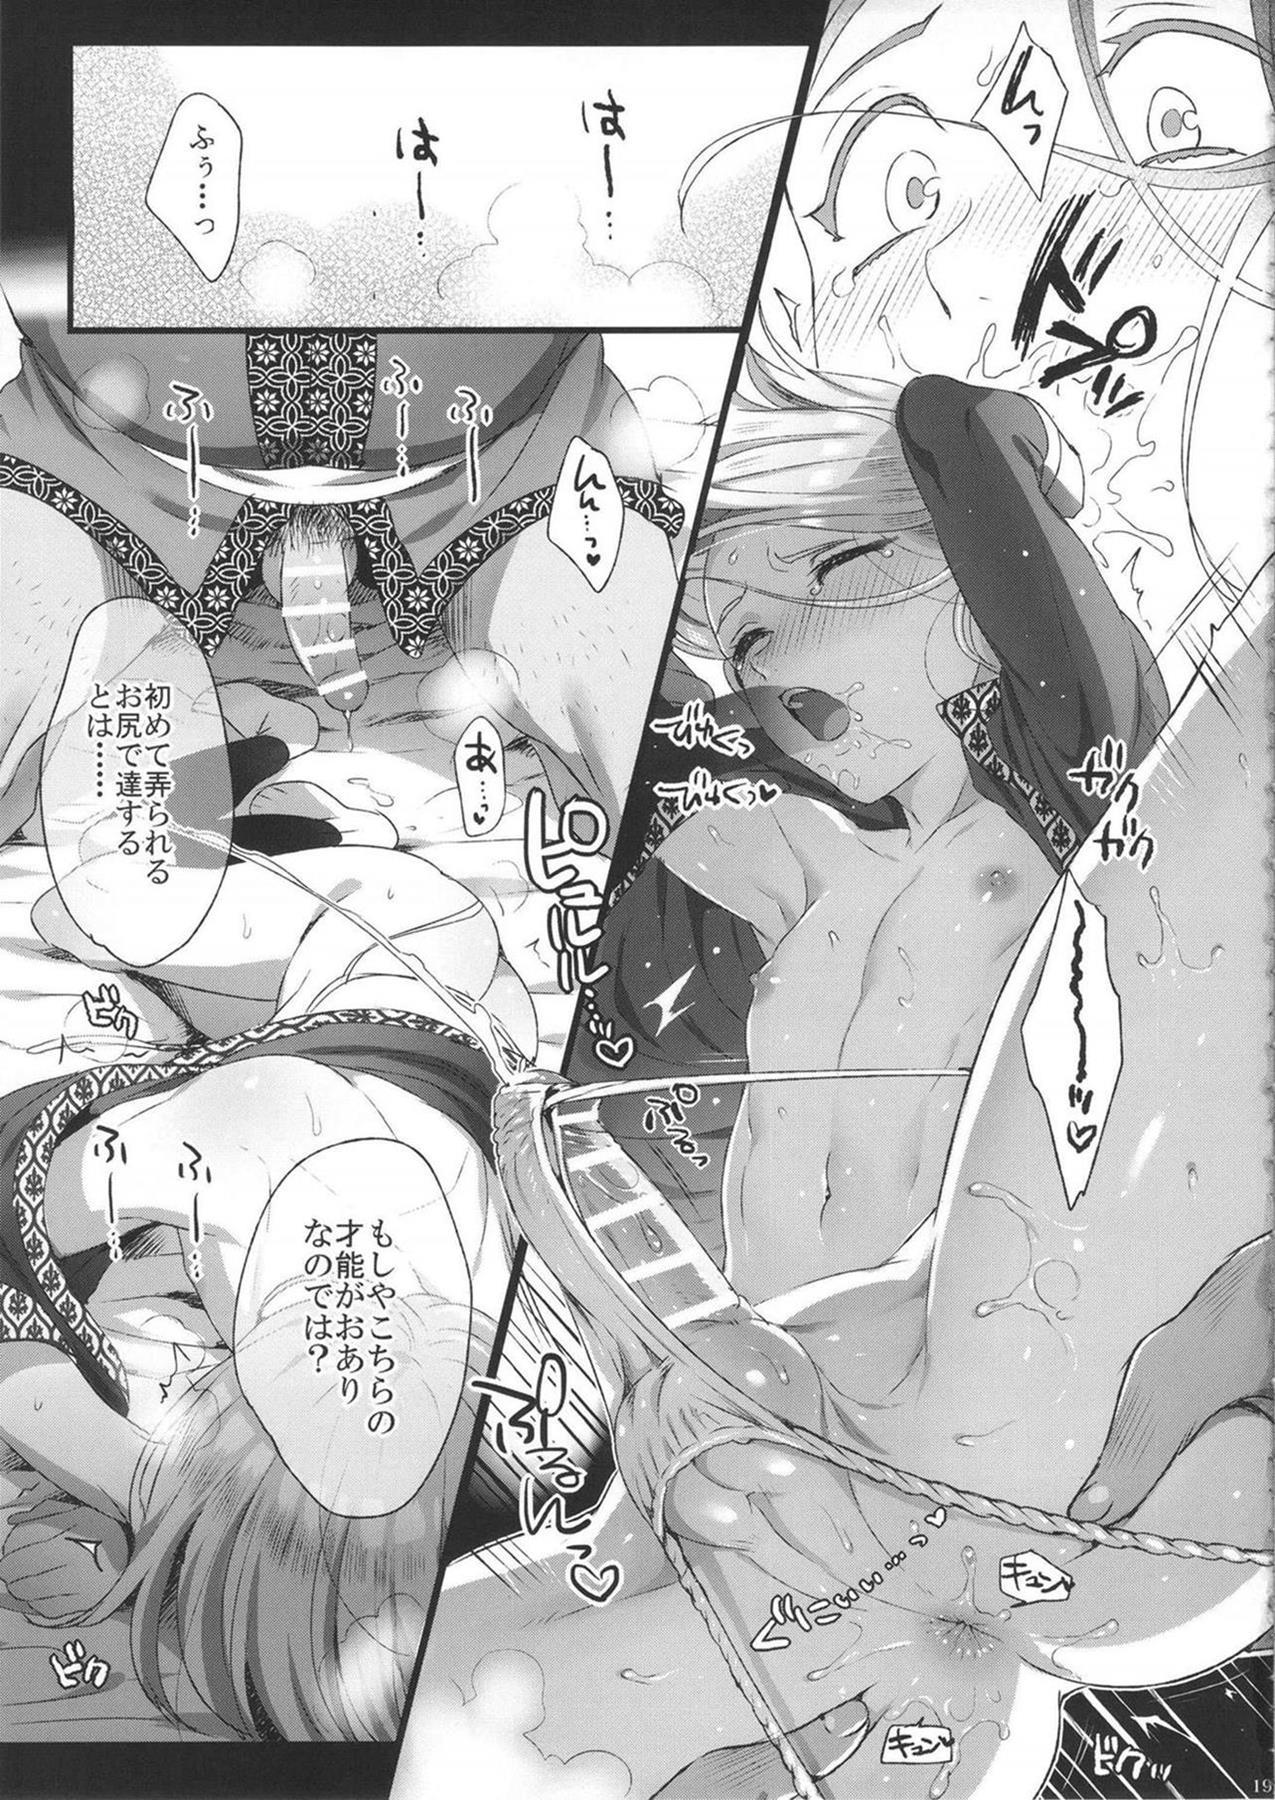 【アル戦 エロ漫画・エロ同人】ショタなアルスラーンが金持ちのオジサンから支援してもらう代わりに身体求められてるwエッチな奉仕させられアナル調教されアナルセックスで中出しされまくりwww (18)